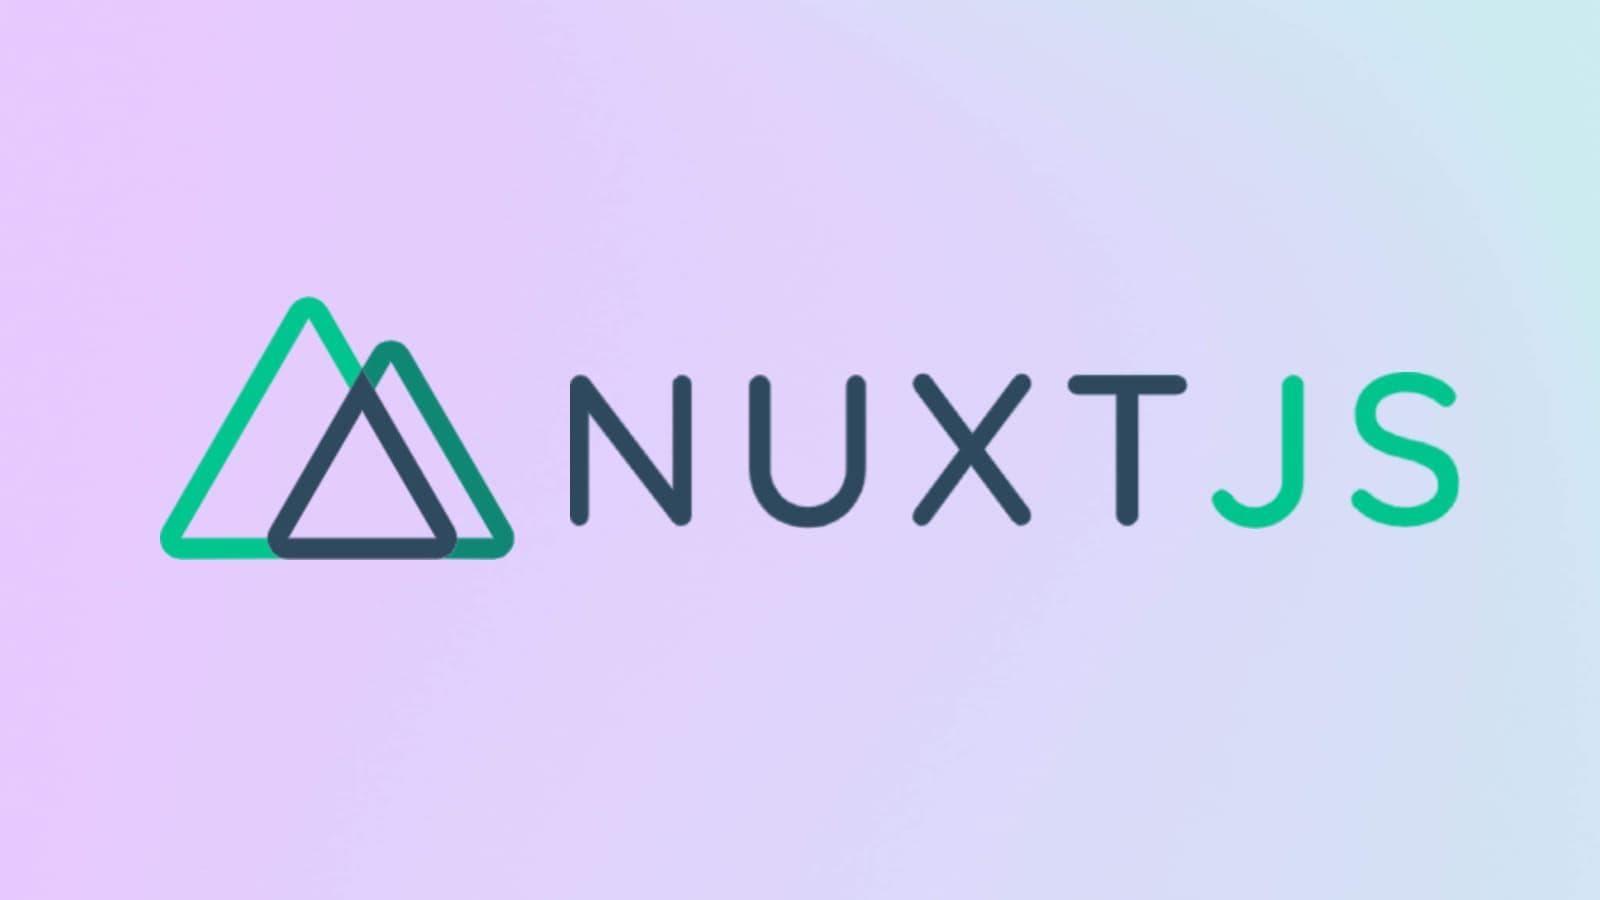 Nuxt.jsでURL末尾にスラッシュ(trailing slash)を付ける方法